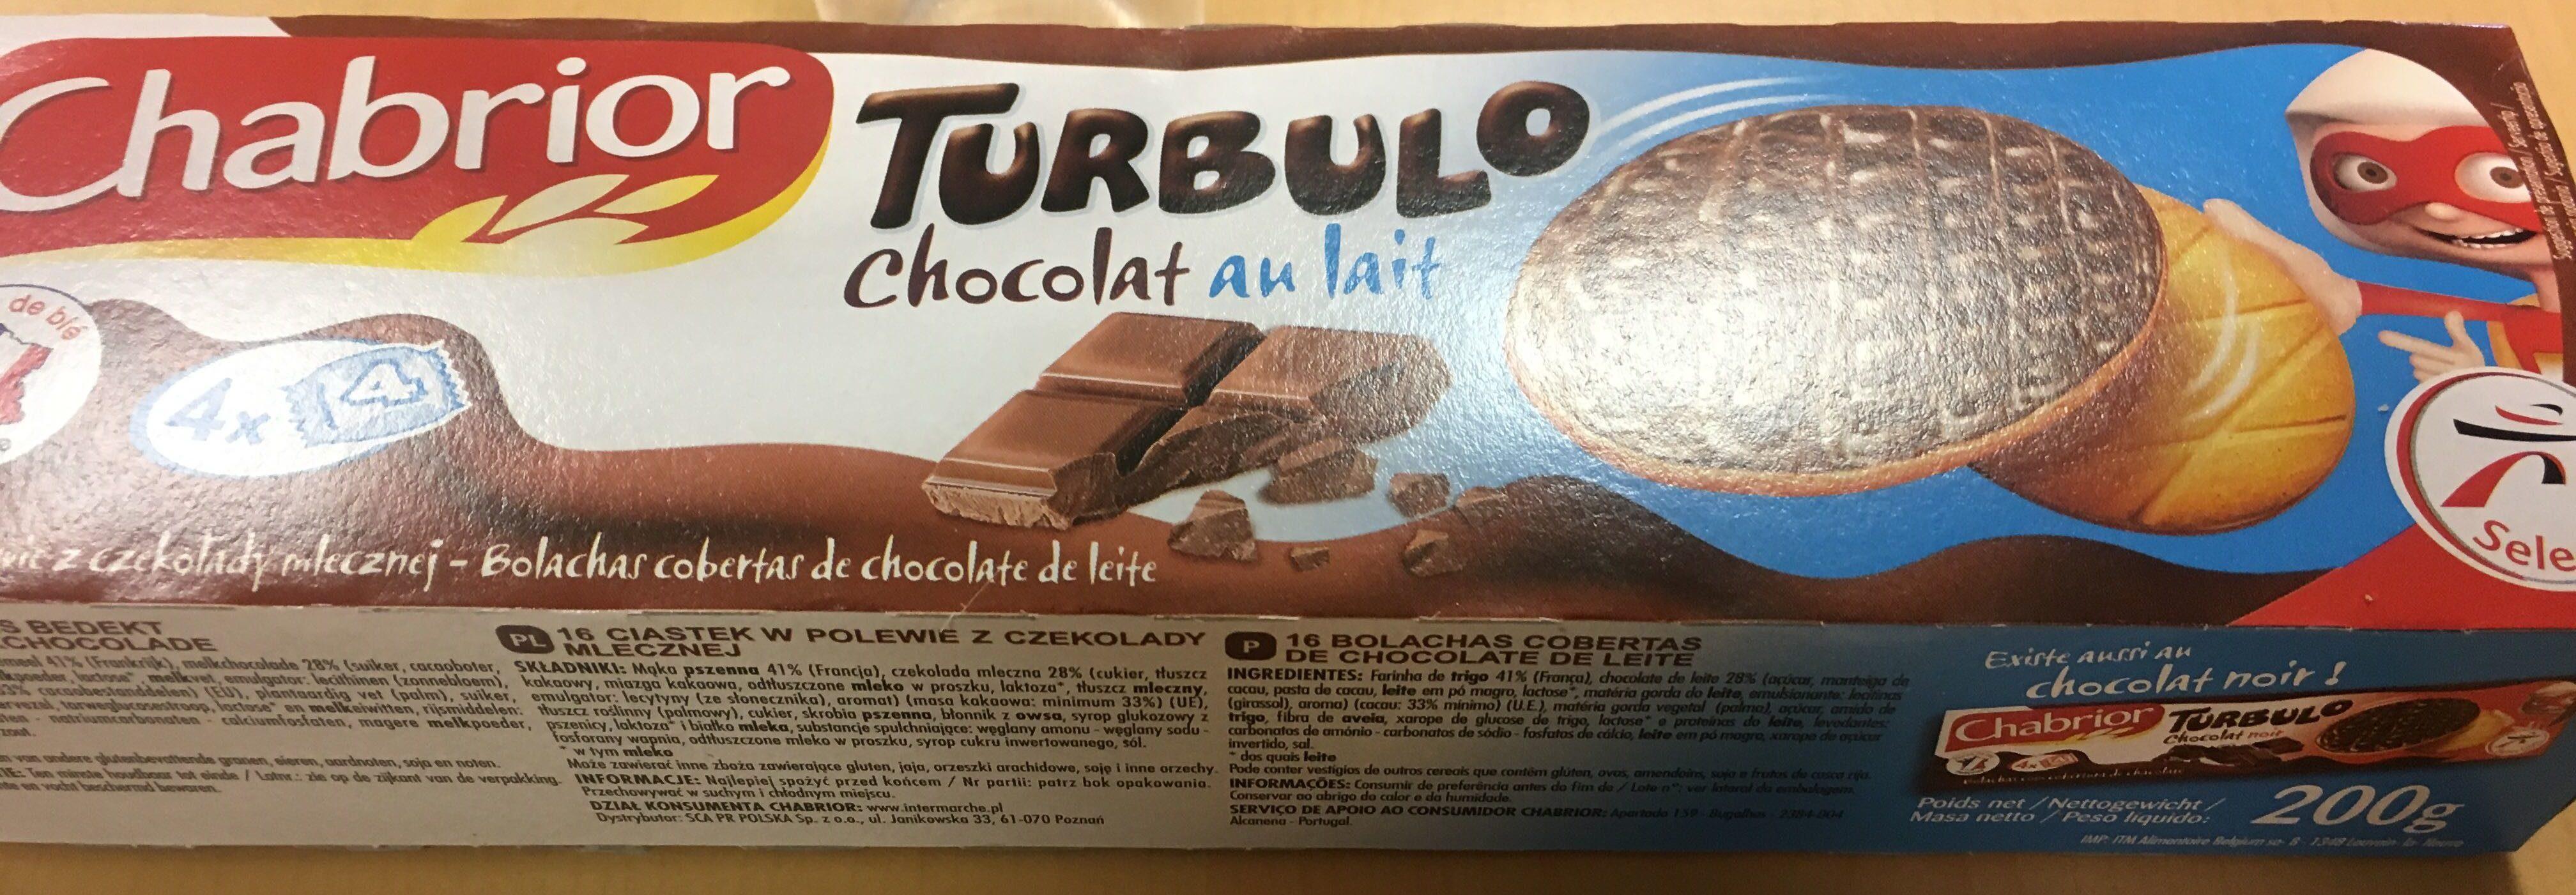 Chabrior Turbulo Chocolat au lait - Product - fr